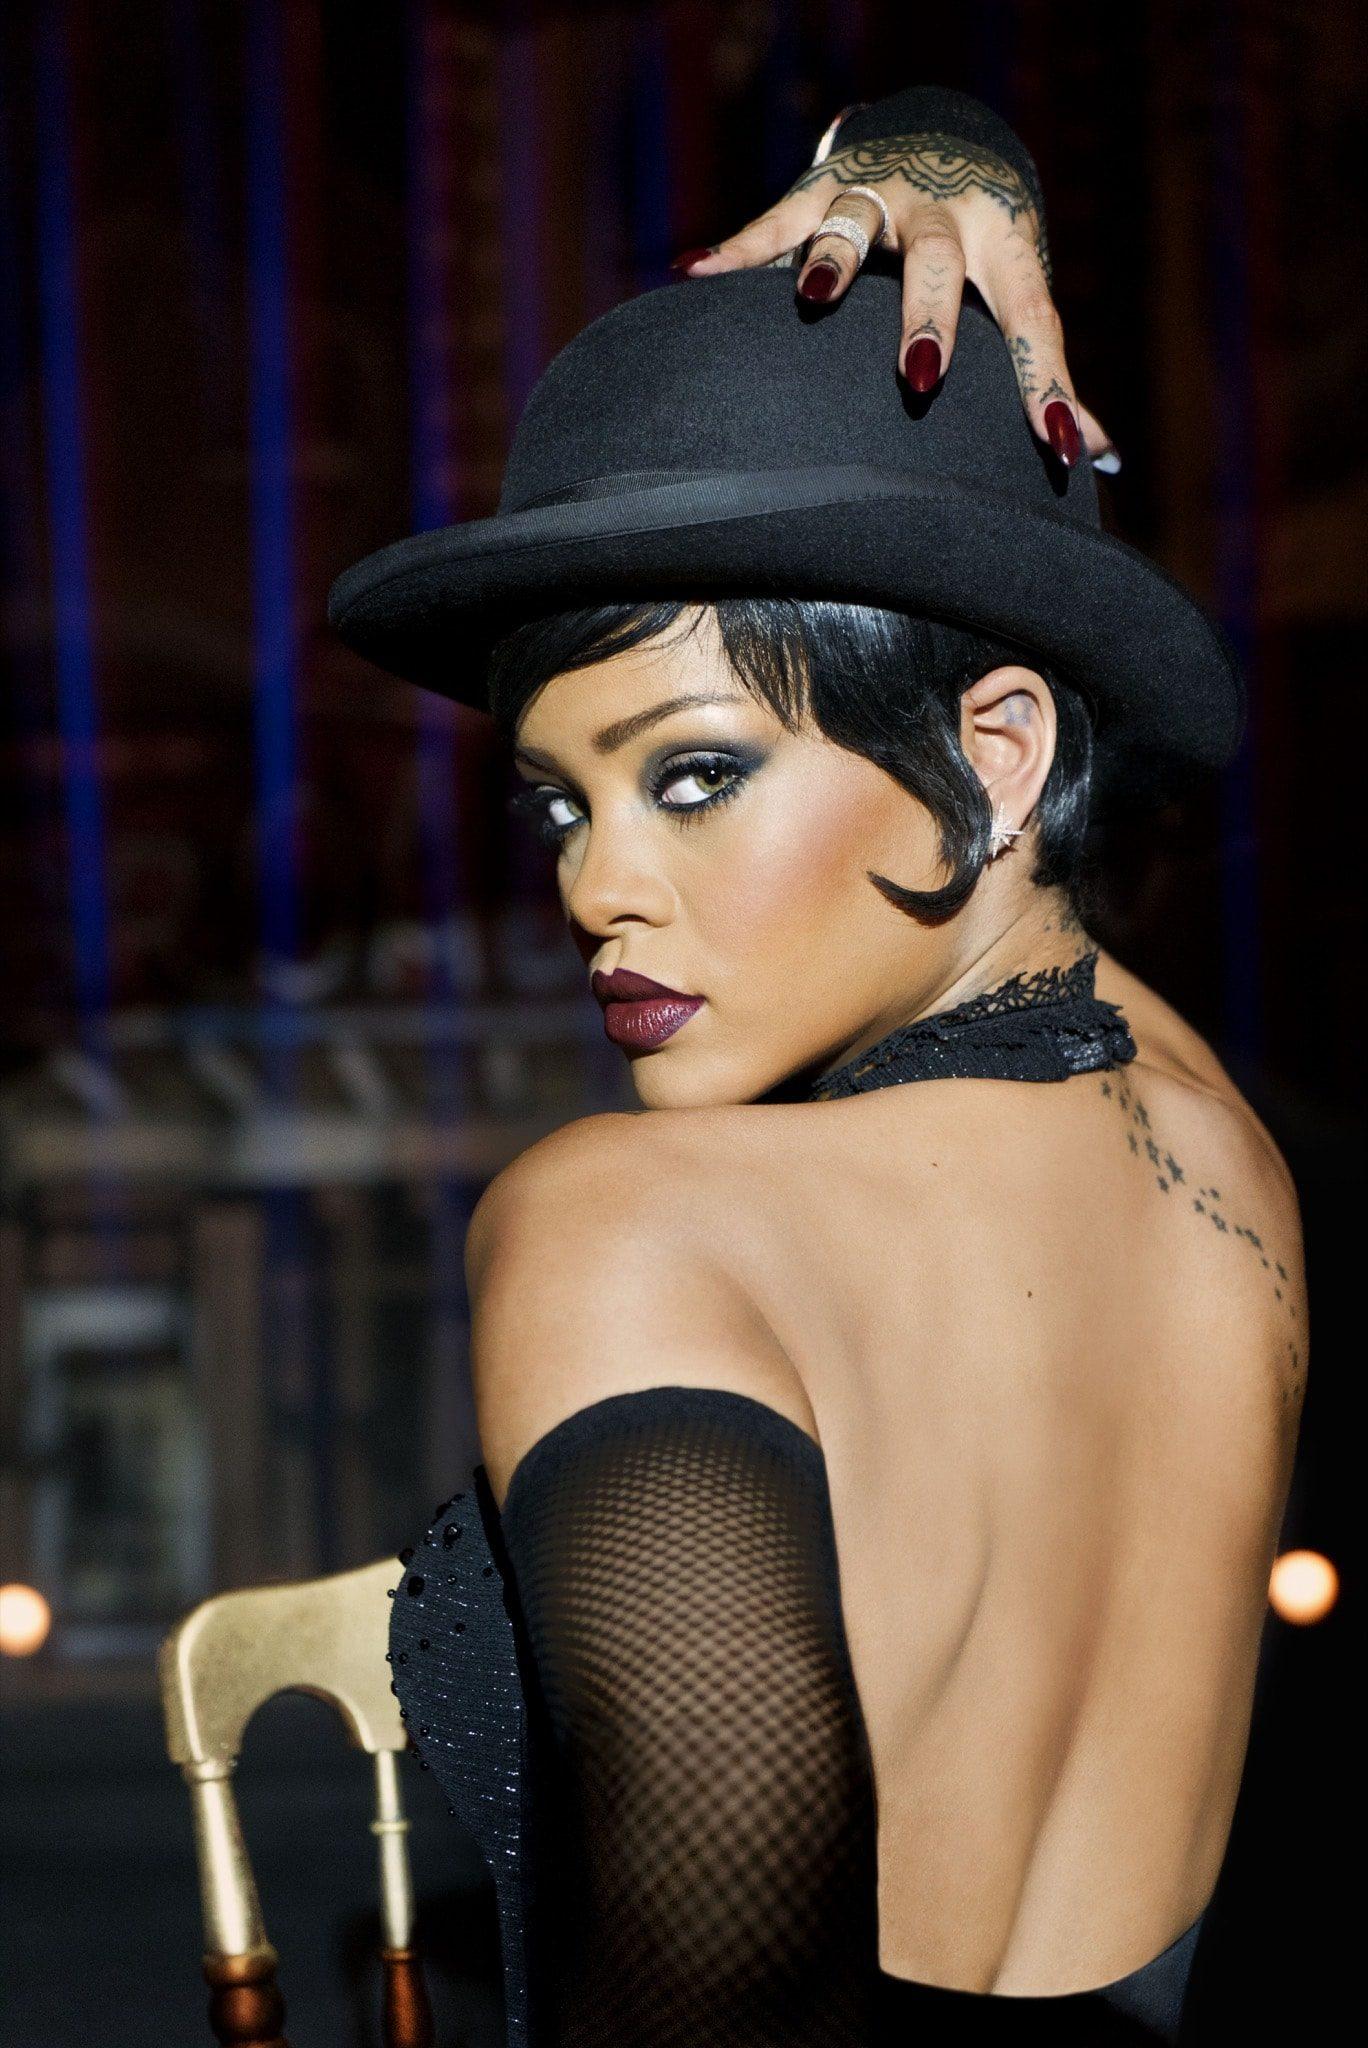 Valérian et la Cité des mille planètes image Rihanna